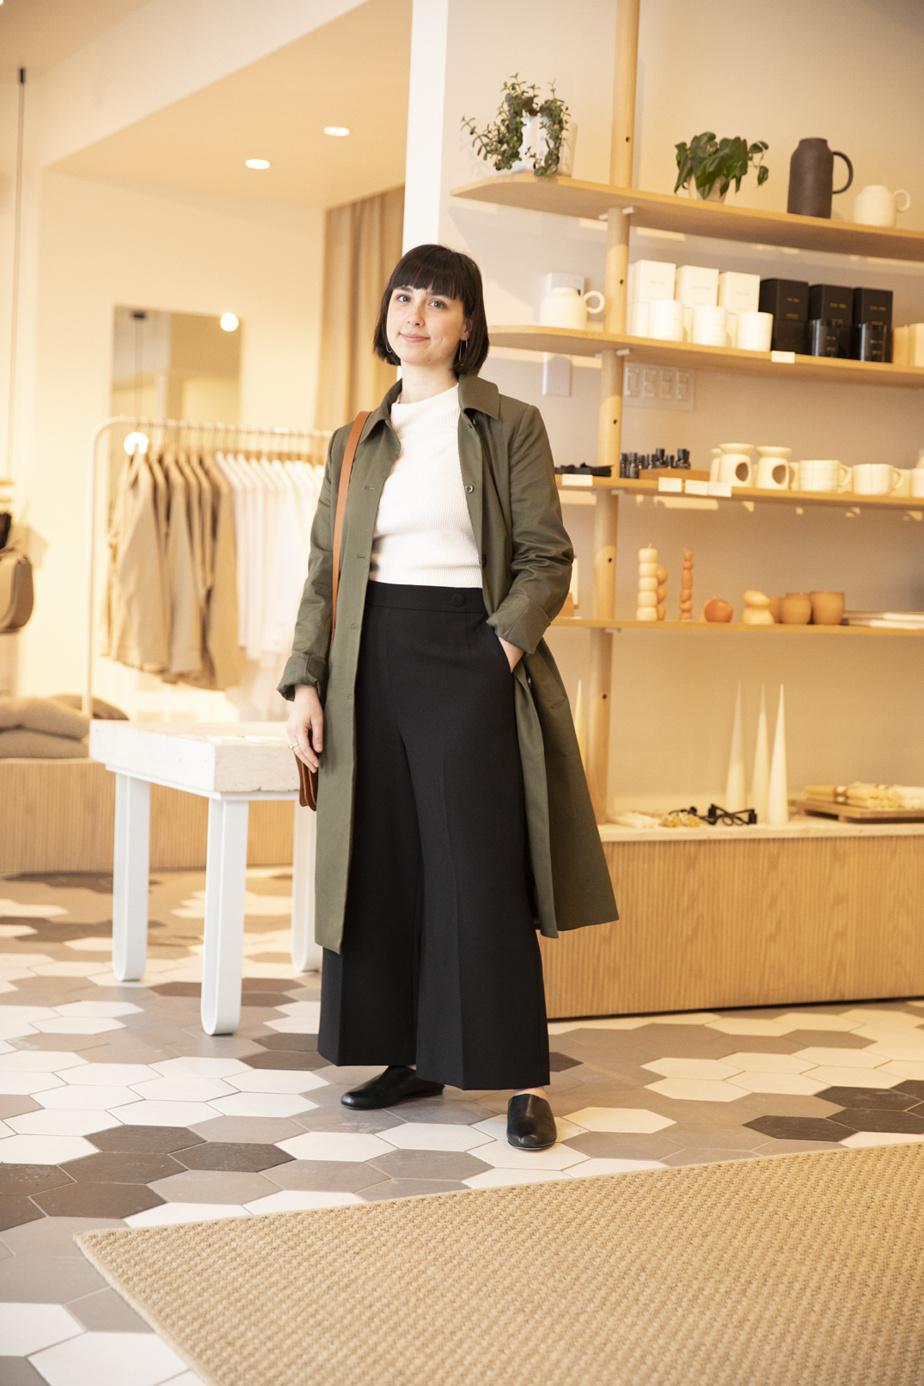 Marie-Anne Miljours, de Miljours Studio, pose vêtue d'une veste et d'un pantalon au style très épuré.